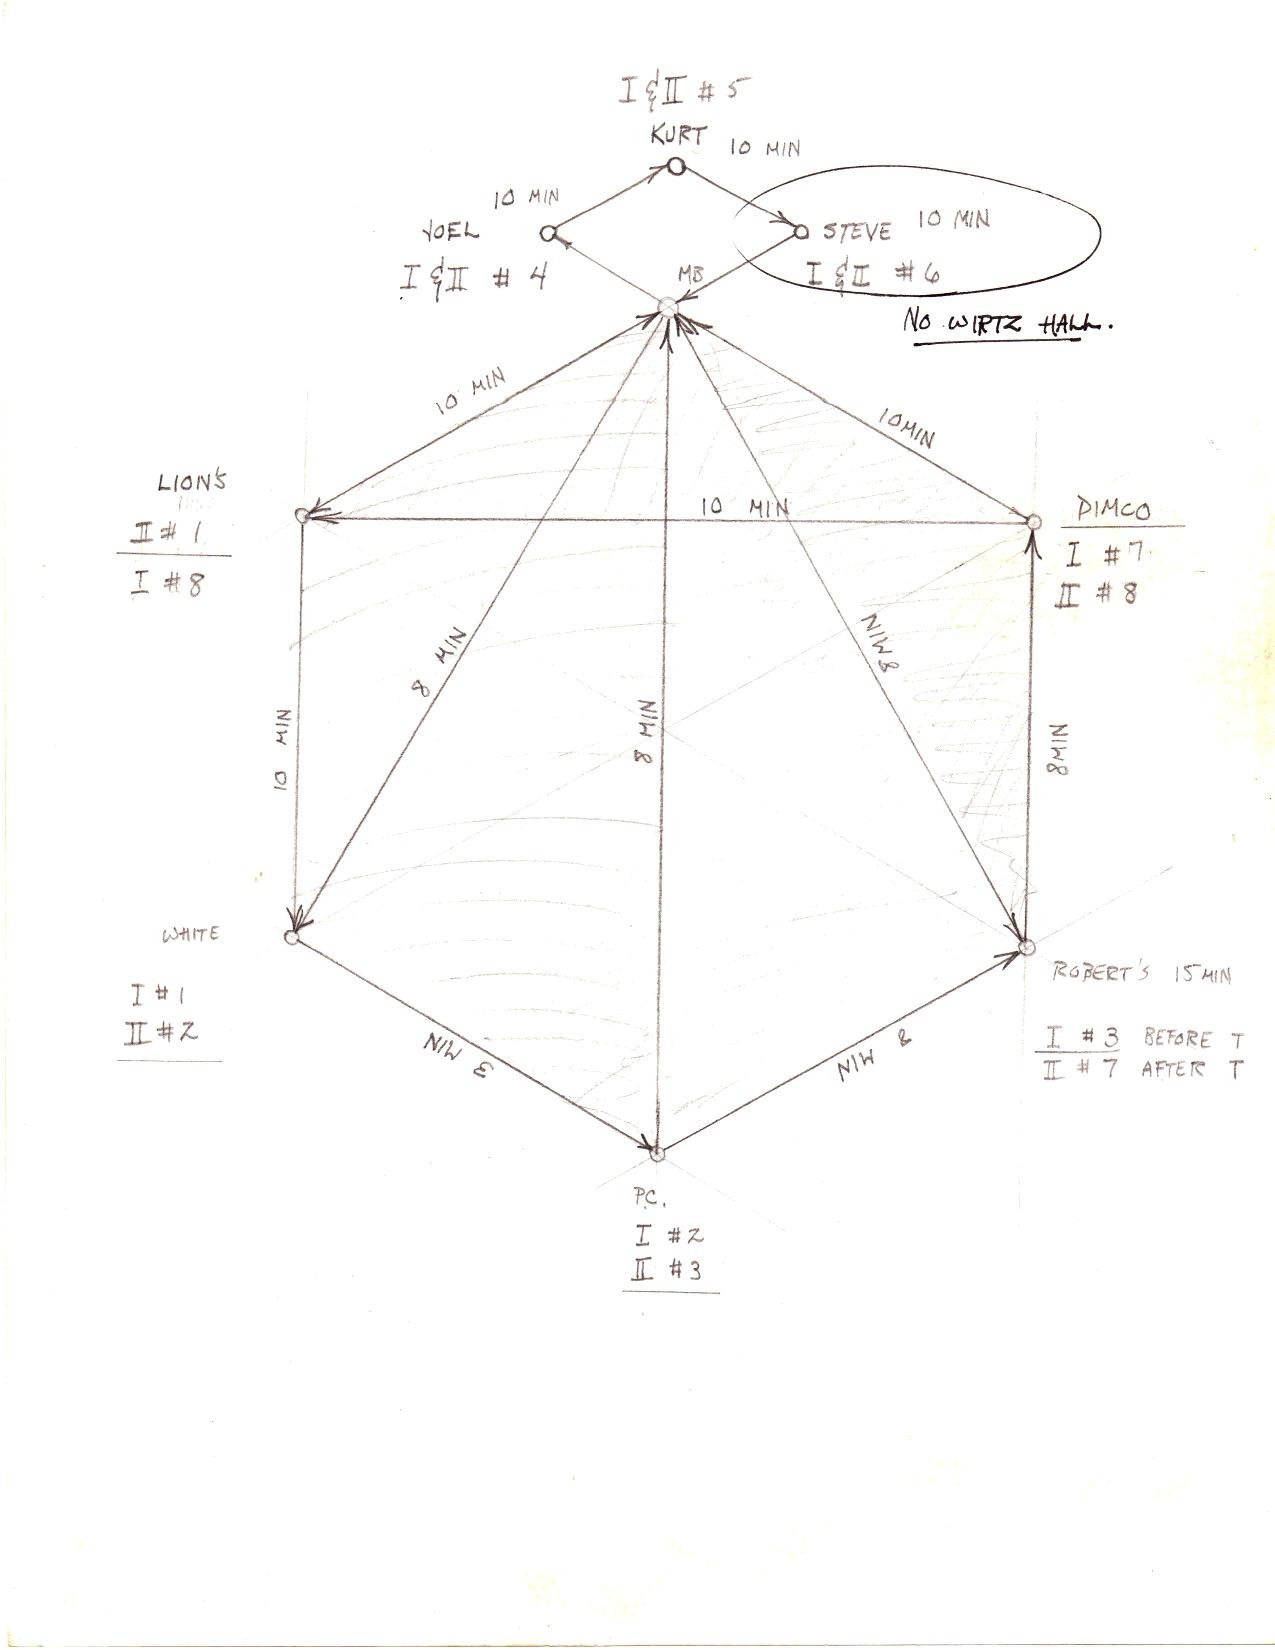 ArtBus route timing refinements, 1985